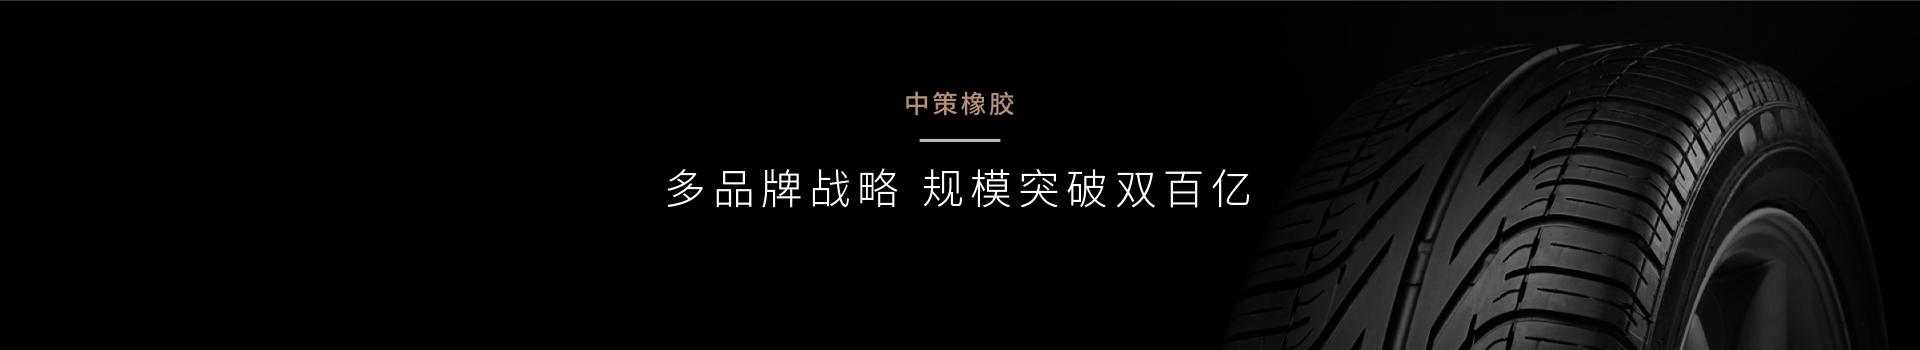 上海品牌营销公司对中策橡胶进行品牌规划,以明星子品牌带动母品牌辐射各子品牌打造明星品牌案例